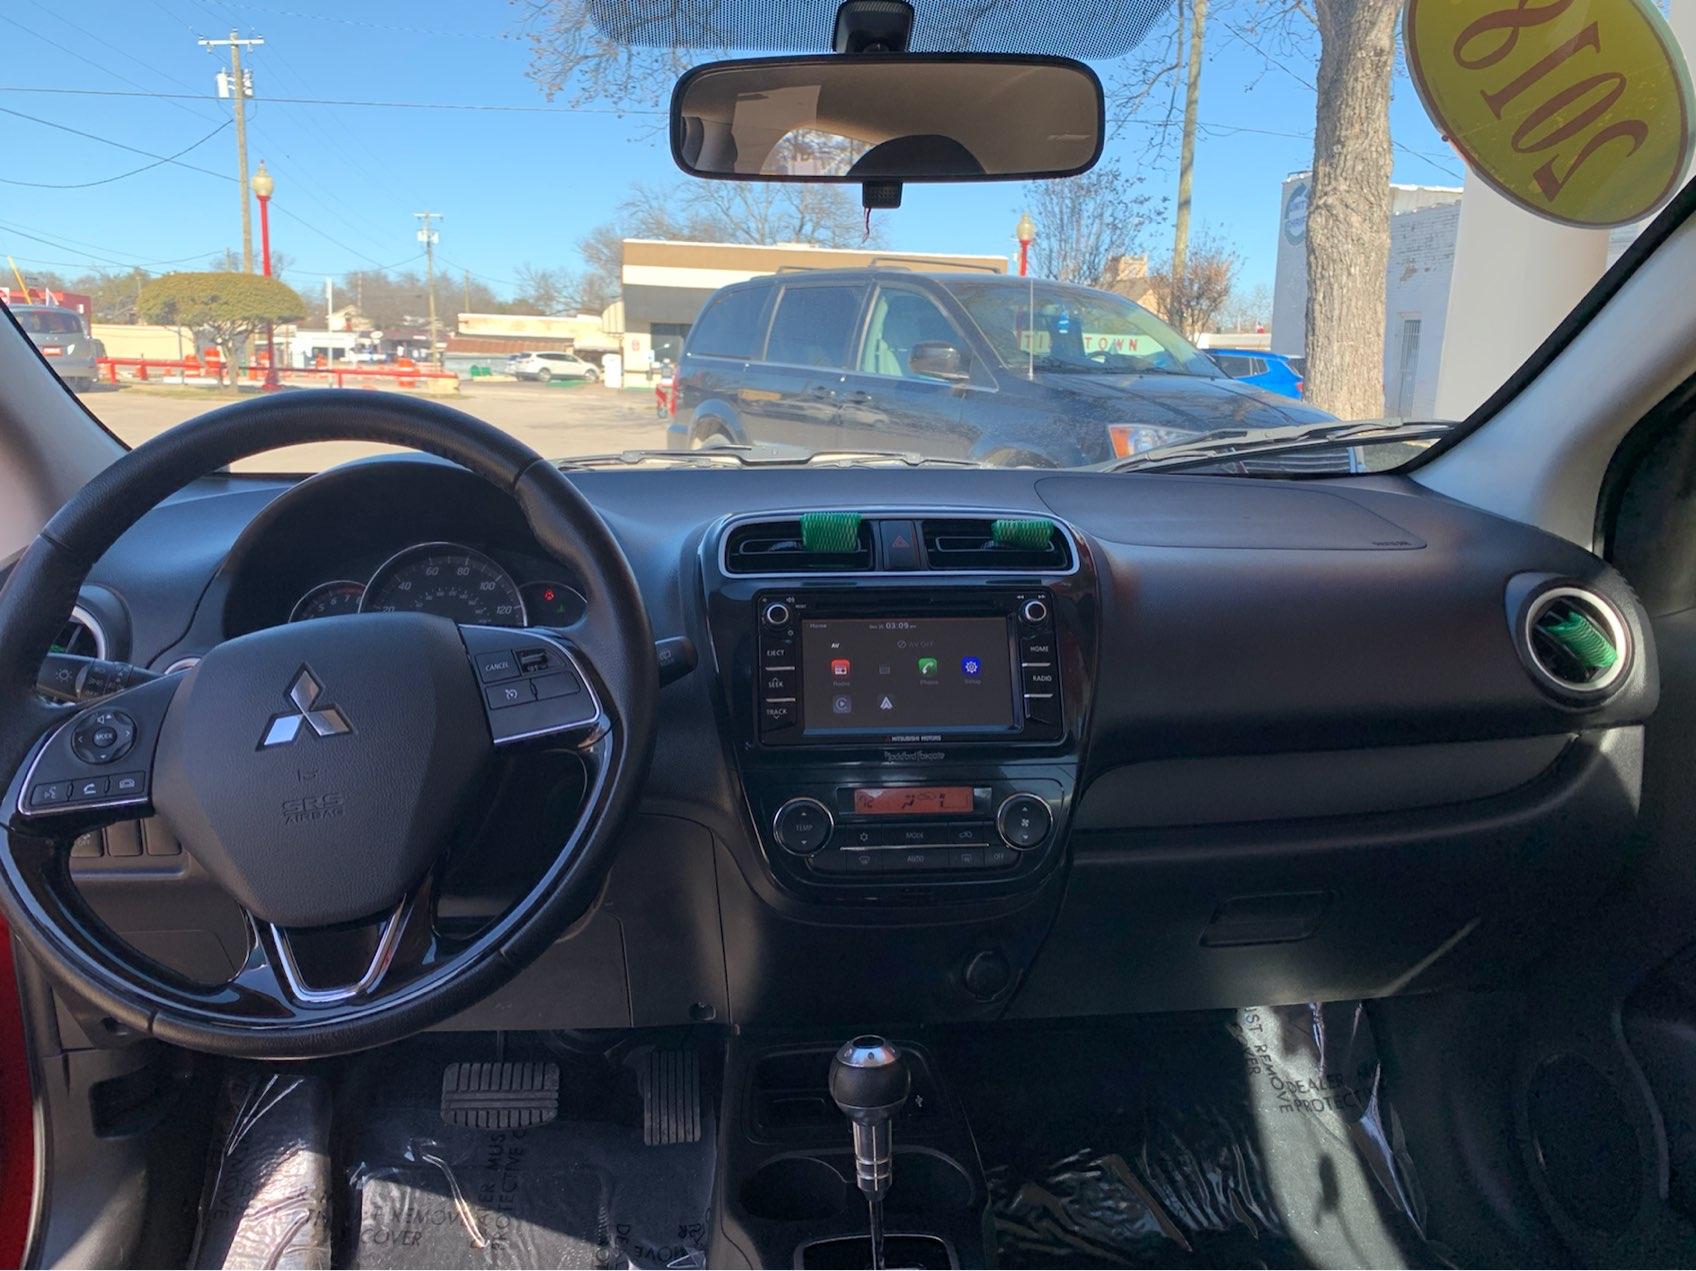 used vehicle - Sedan MITSUBISHI MIRAGE 2018